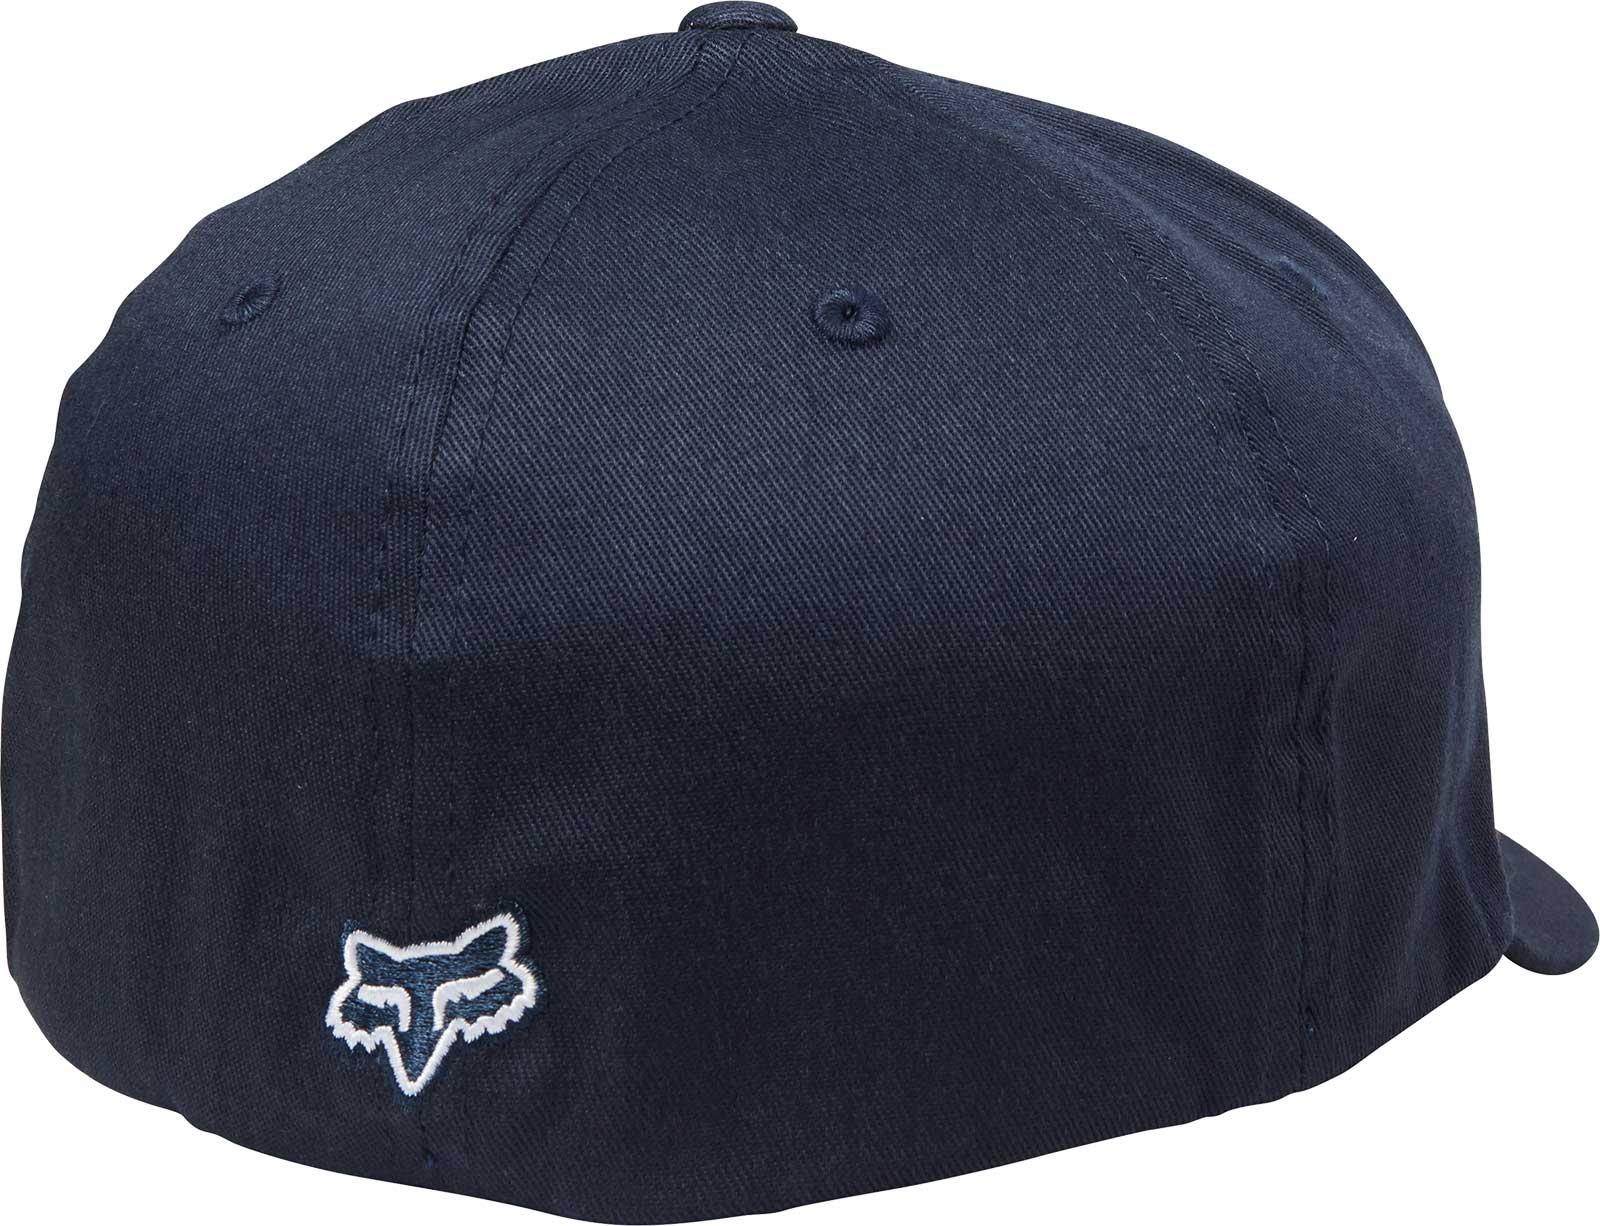 Fox-Racing-Flex-45-Flexfit-Hat-Mens-Lid-Cap thumbnail 30